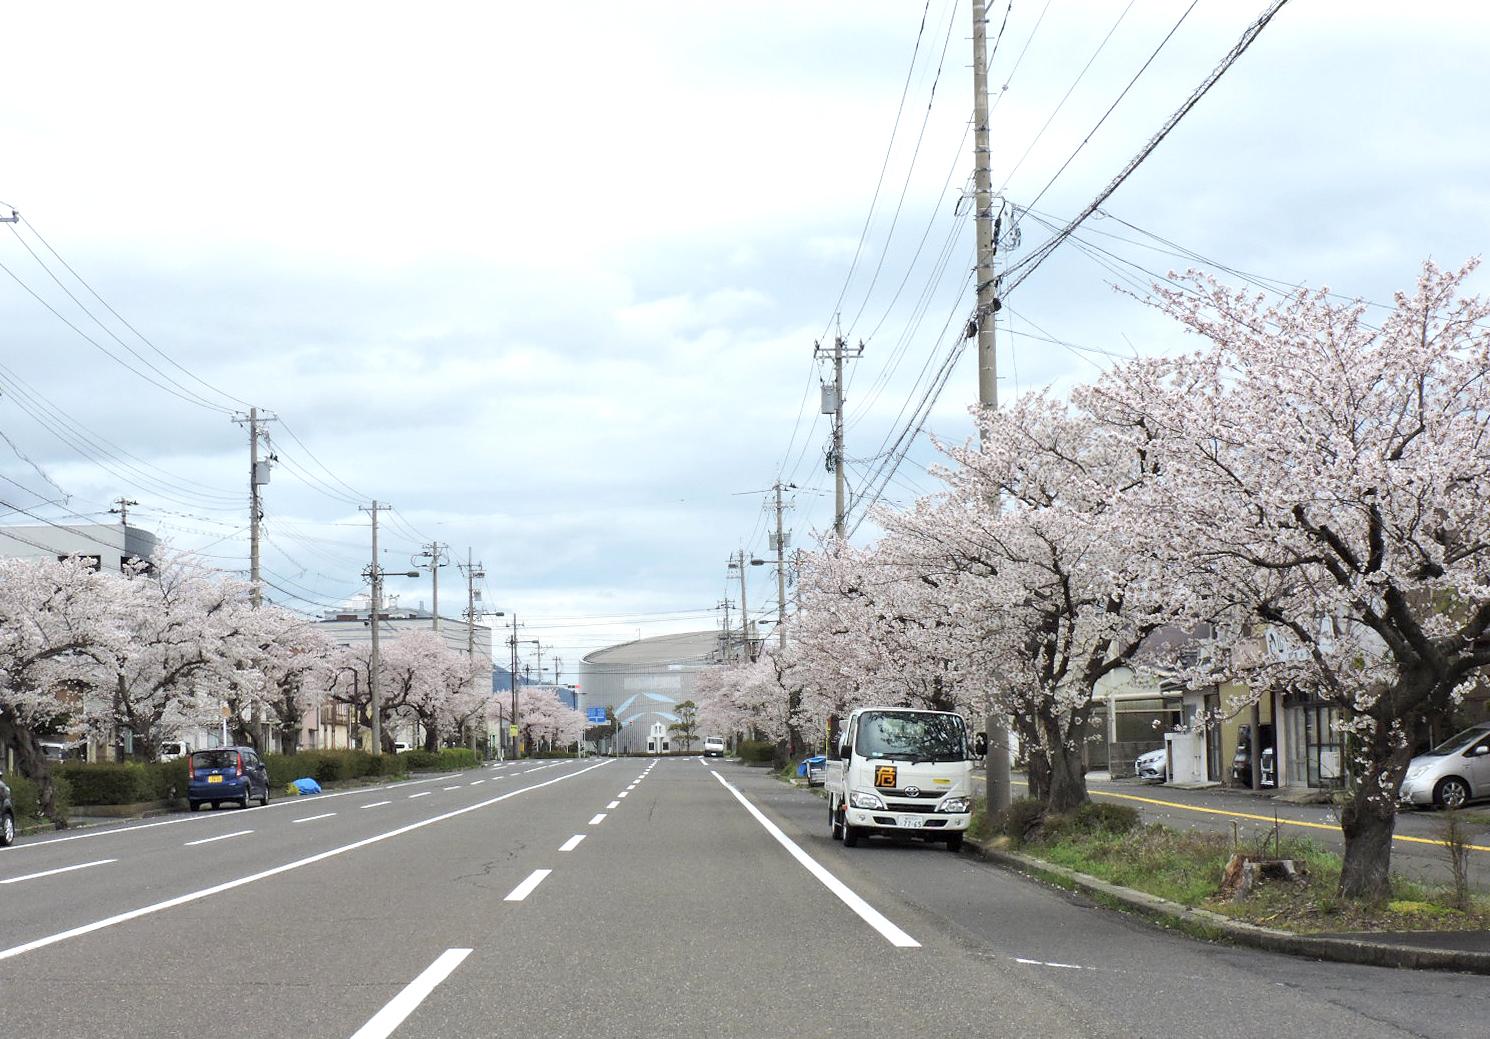 さくらさくら🌸奥井海生堂元町倉庫、金ヶ崎本社周辺